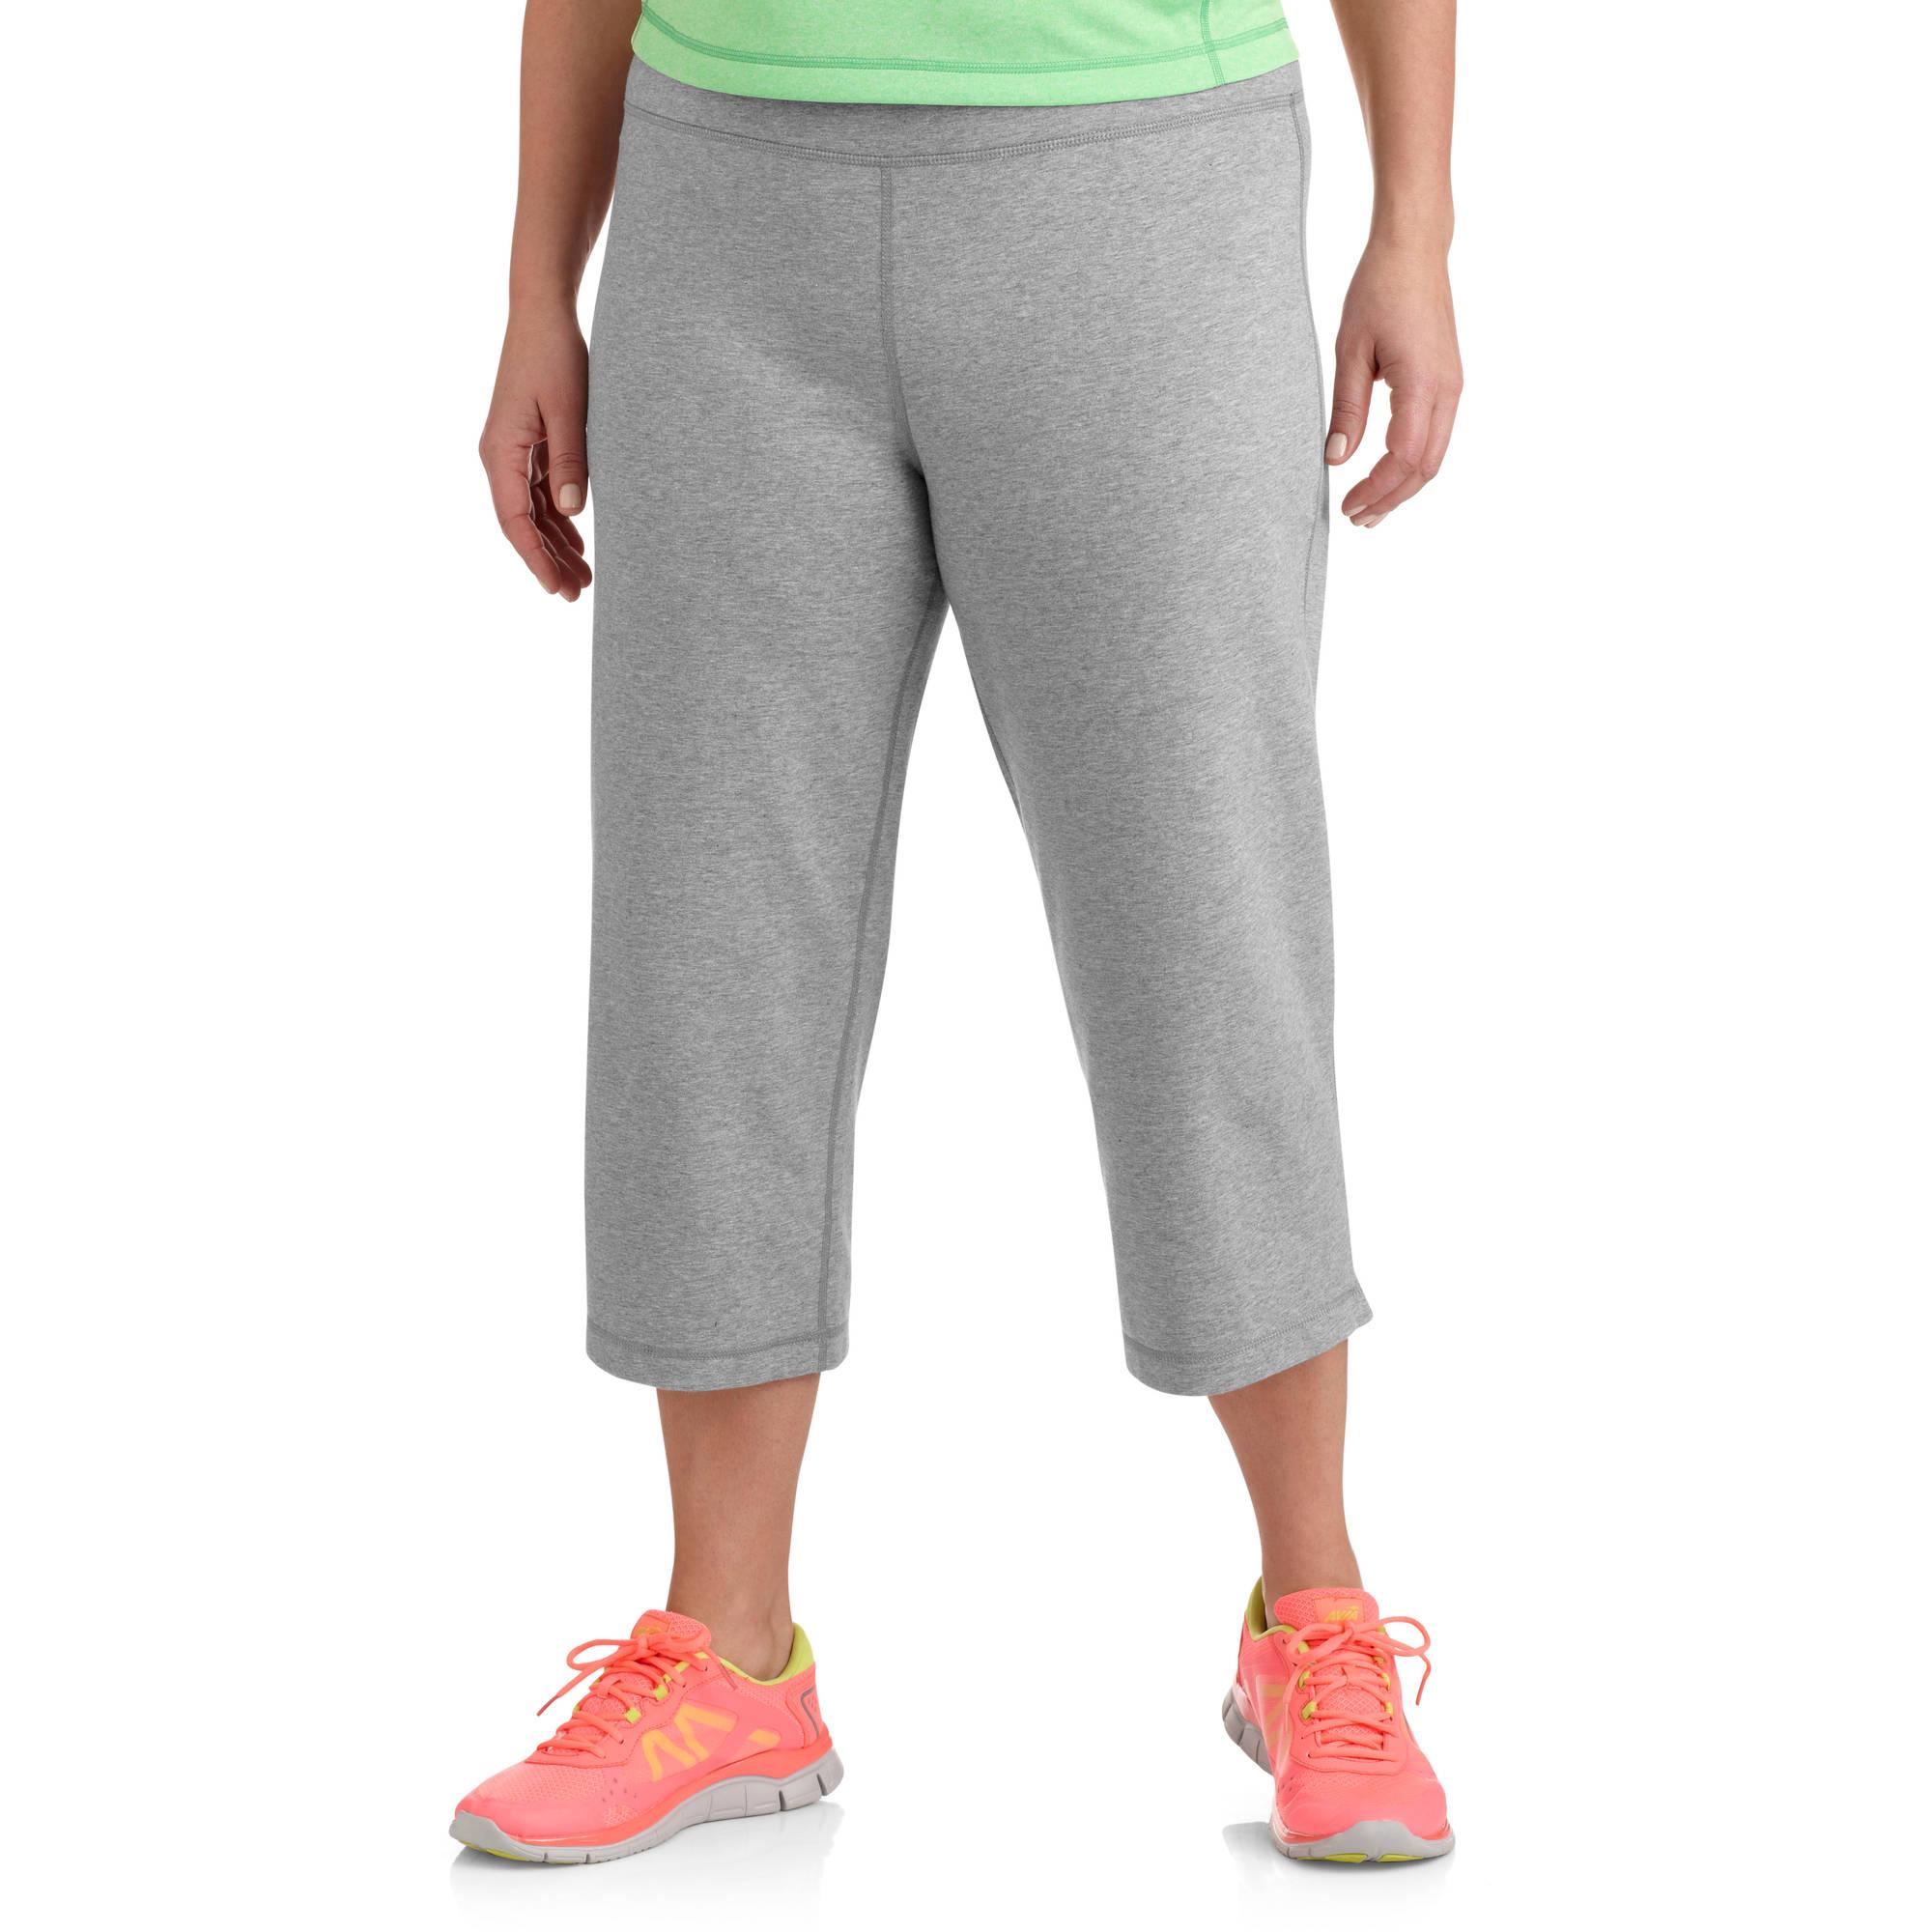 danskin now womens plus size dri more core capri pants - walmart